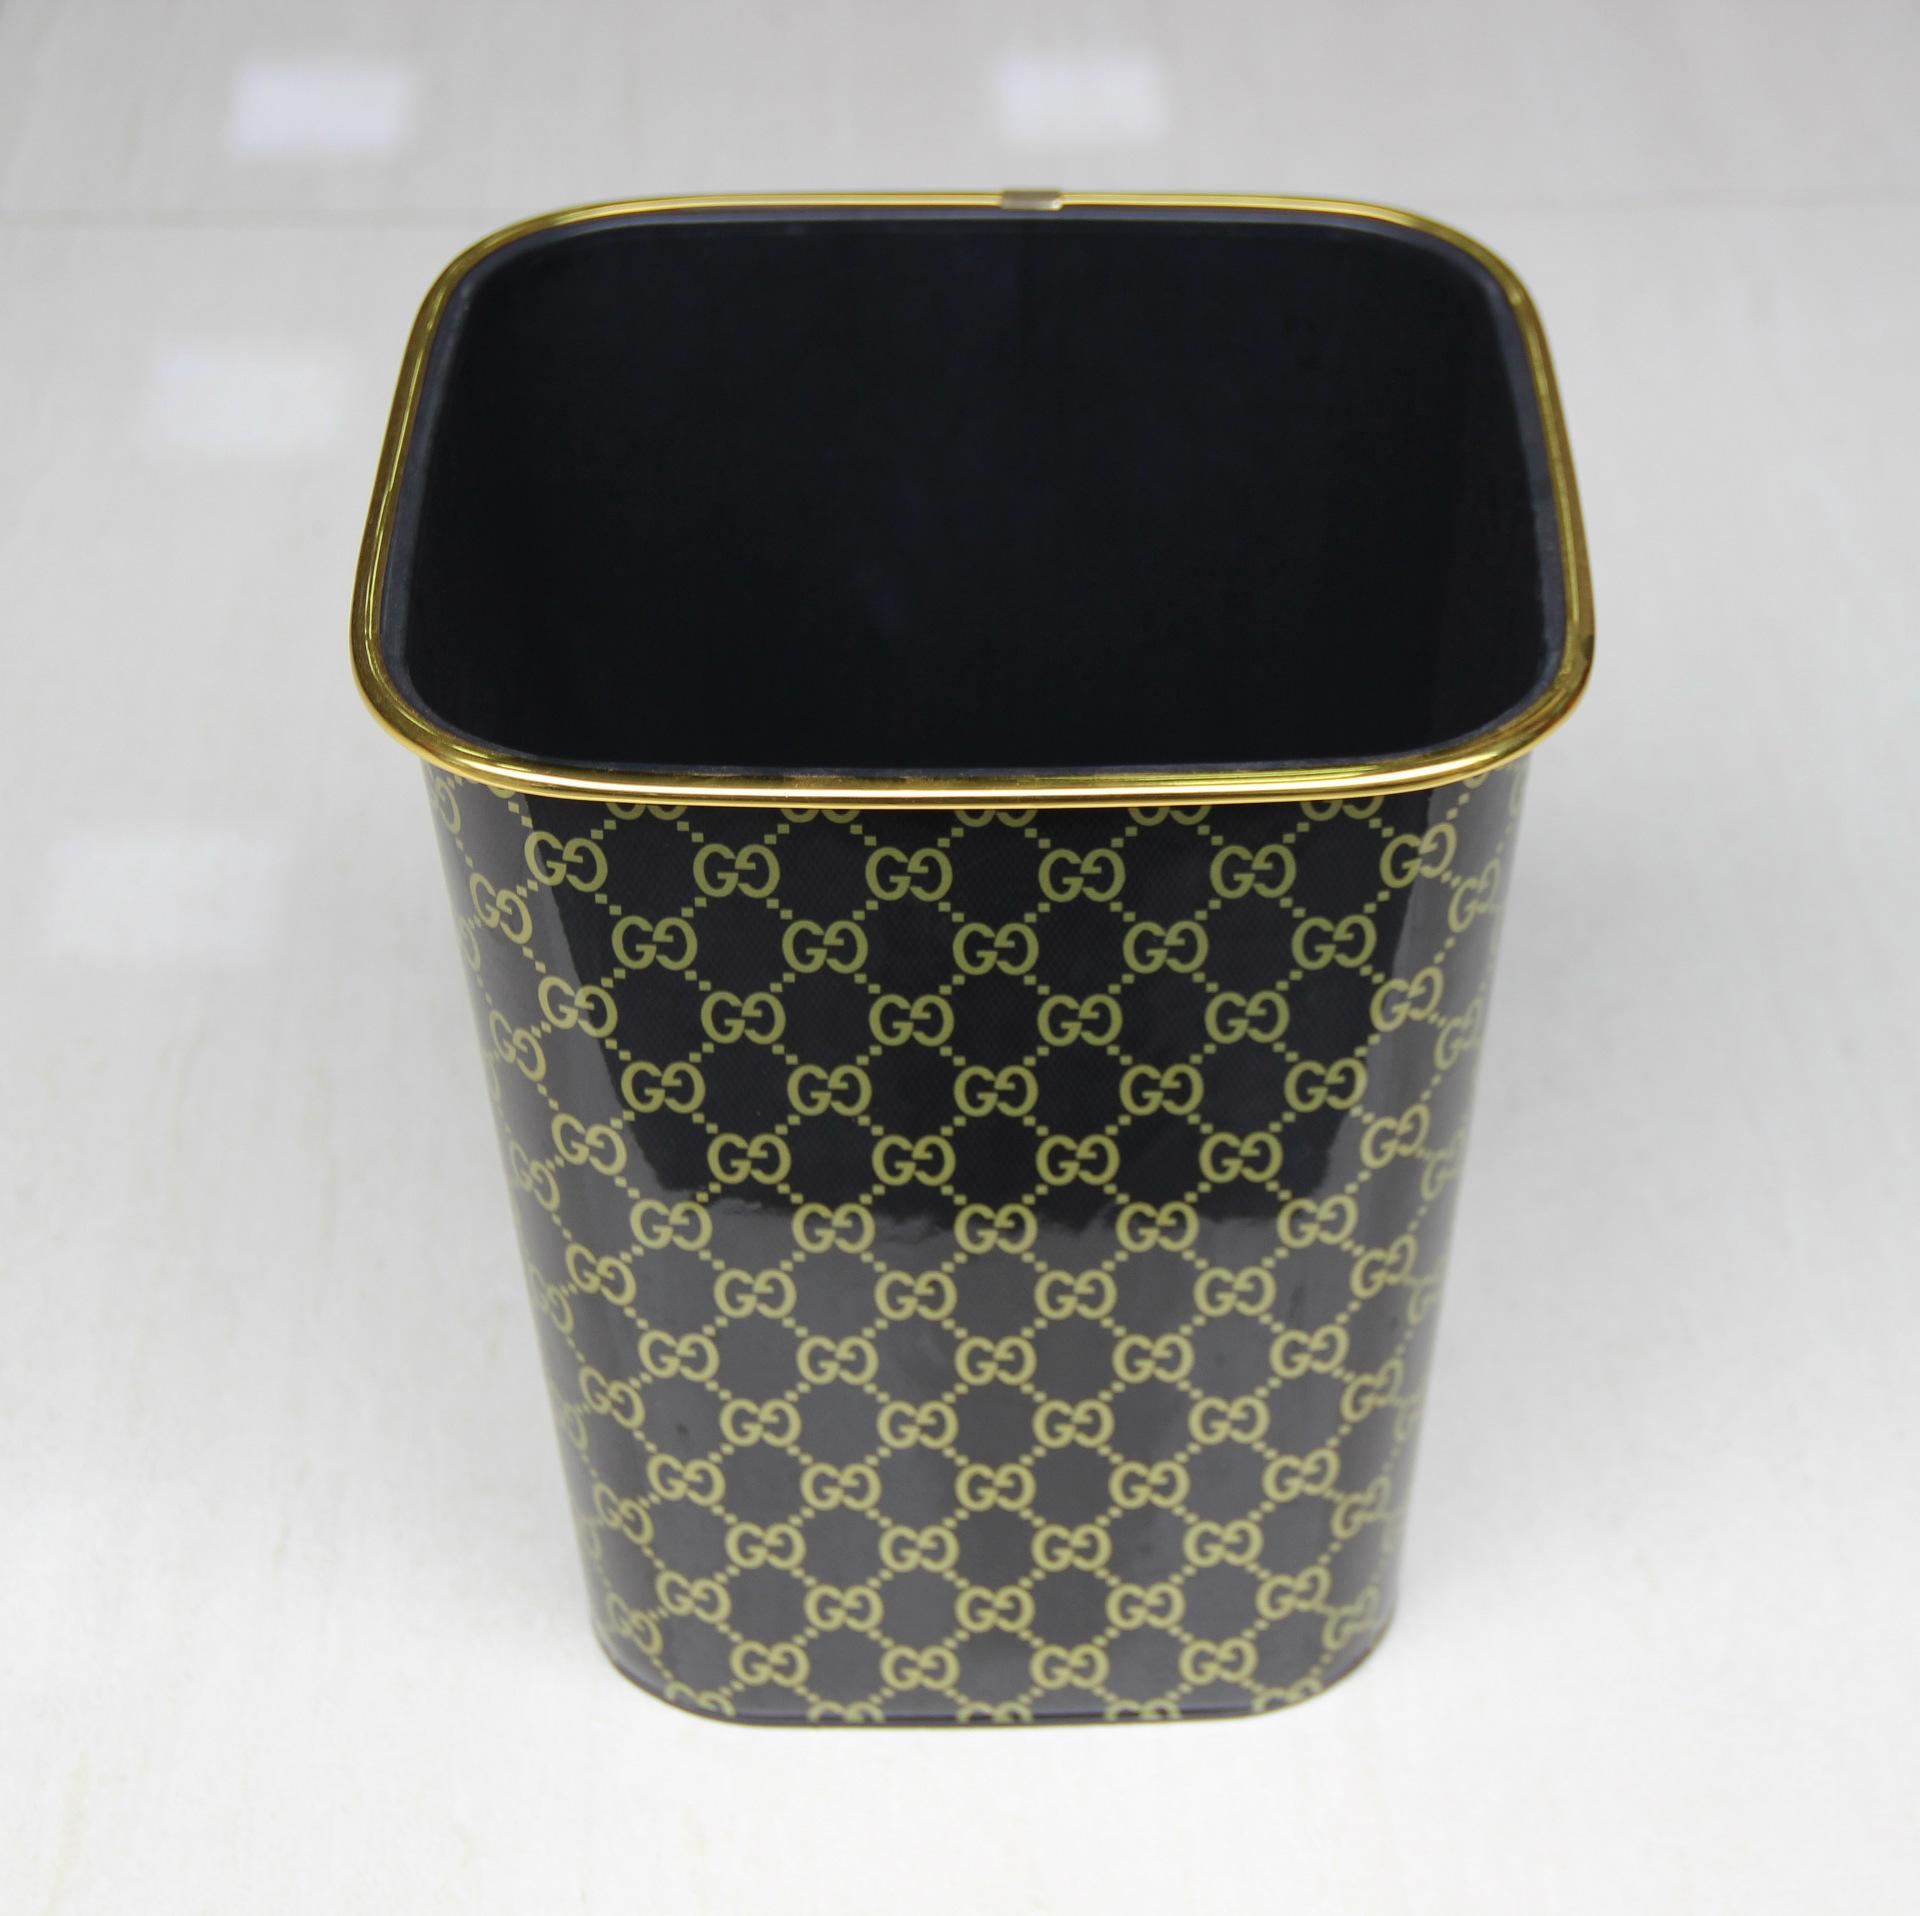 【厂家直销】305方形黑色金边印花垃圾桶家用塑料卫生桶口径22